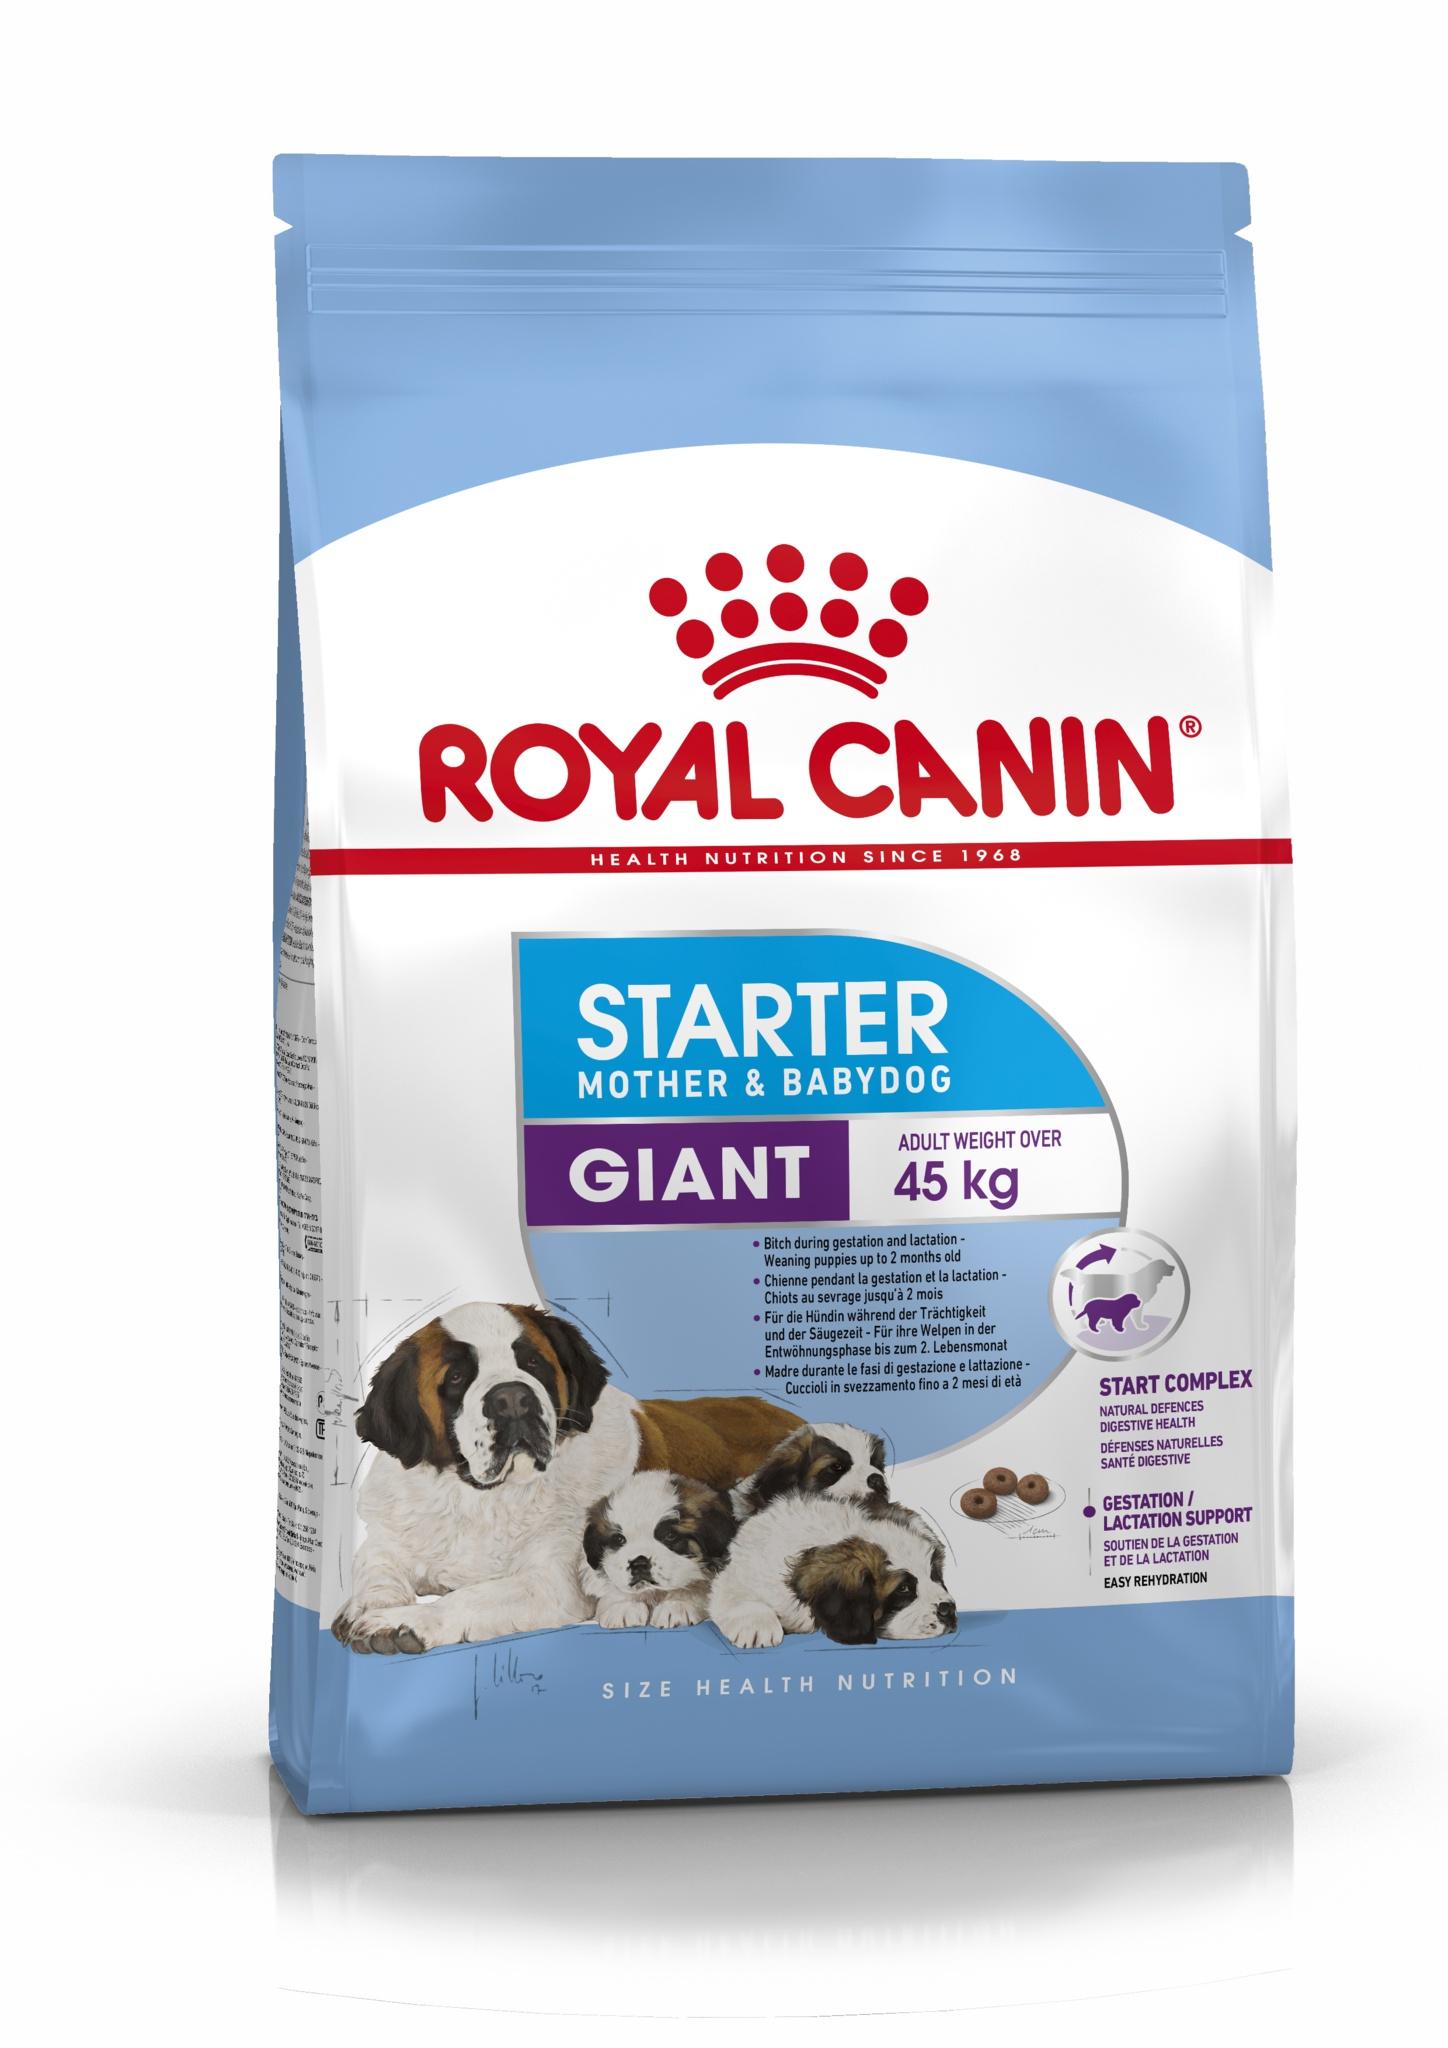 Royal Canin корм для щенков крупных пород до 2-х месячного возраста (4 кг) royal canin корм для щенков крупных пород 3 кг